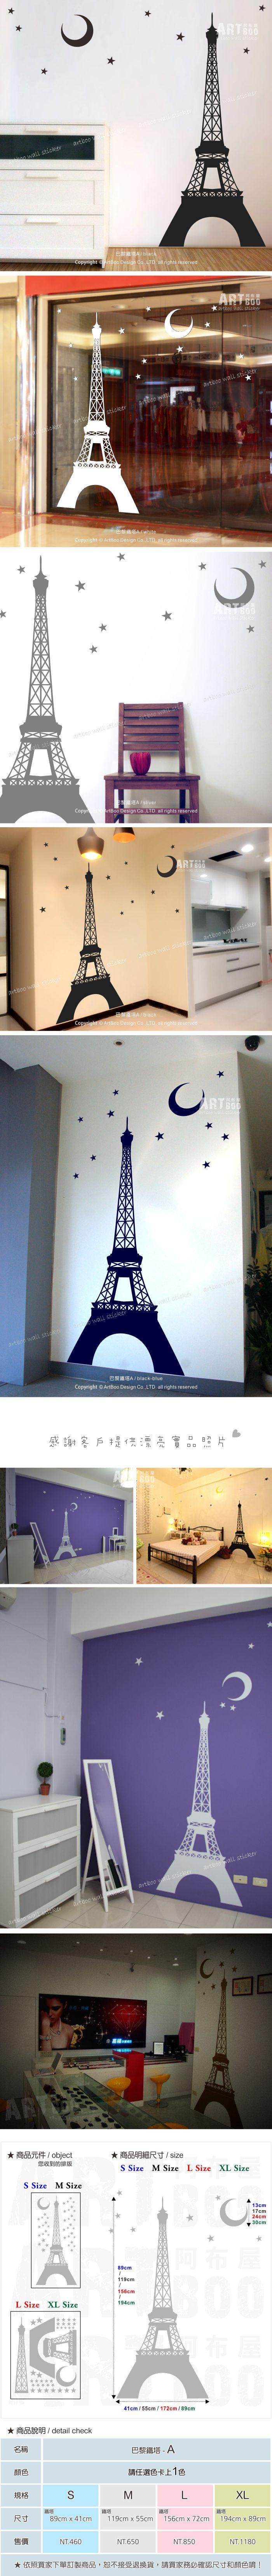 阿布屋壁貼》巴黎鐵塔A-S‧艾菲爾鐵塔La Tour Eiffel 窗貼 民宿居家佈置 月亮星星 櫥窗設計